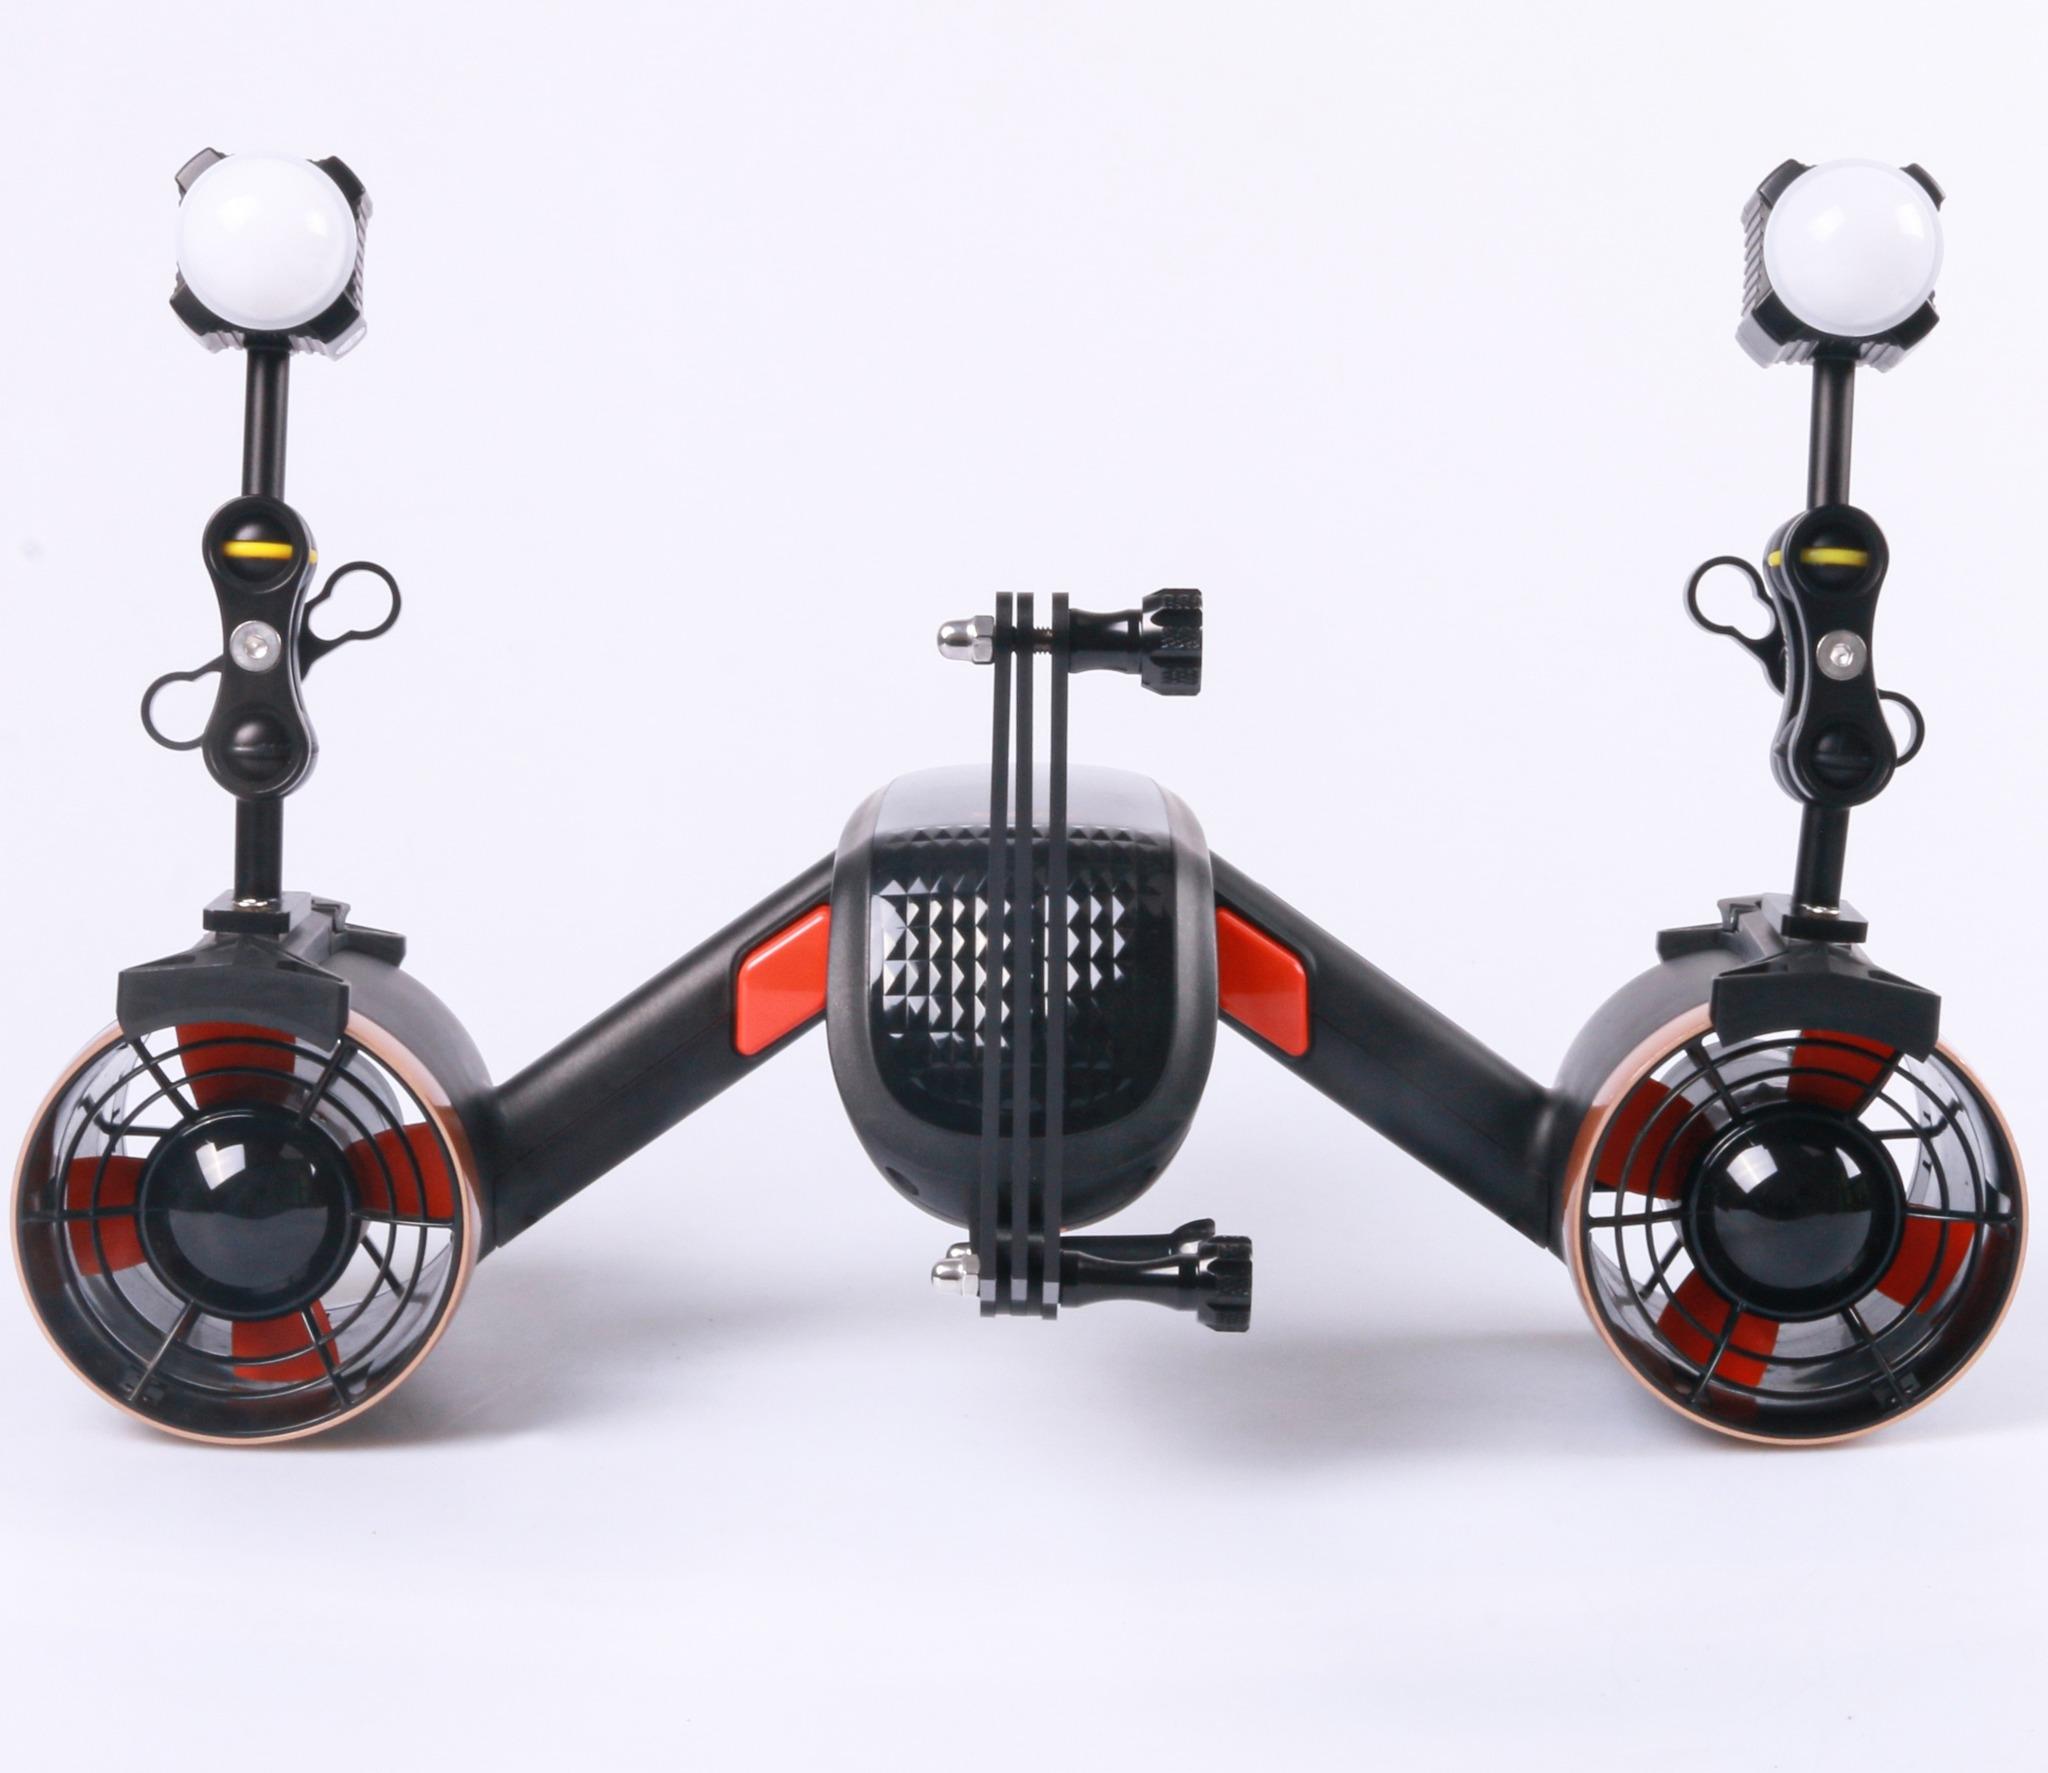 Whiteshark Mix Pro underwater scooter